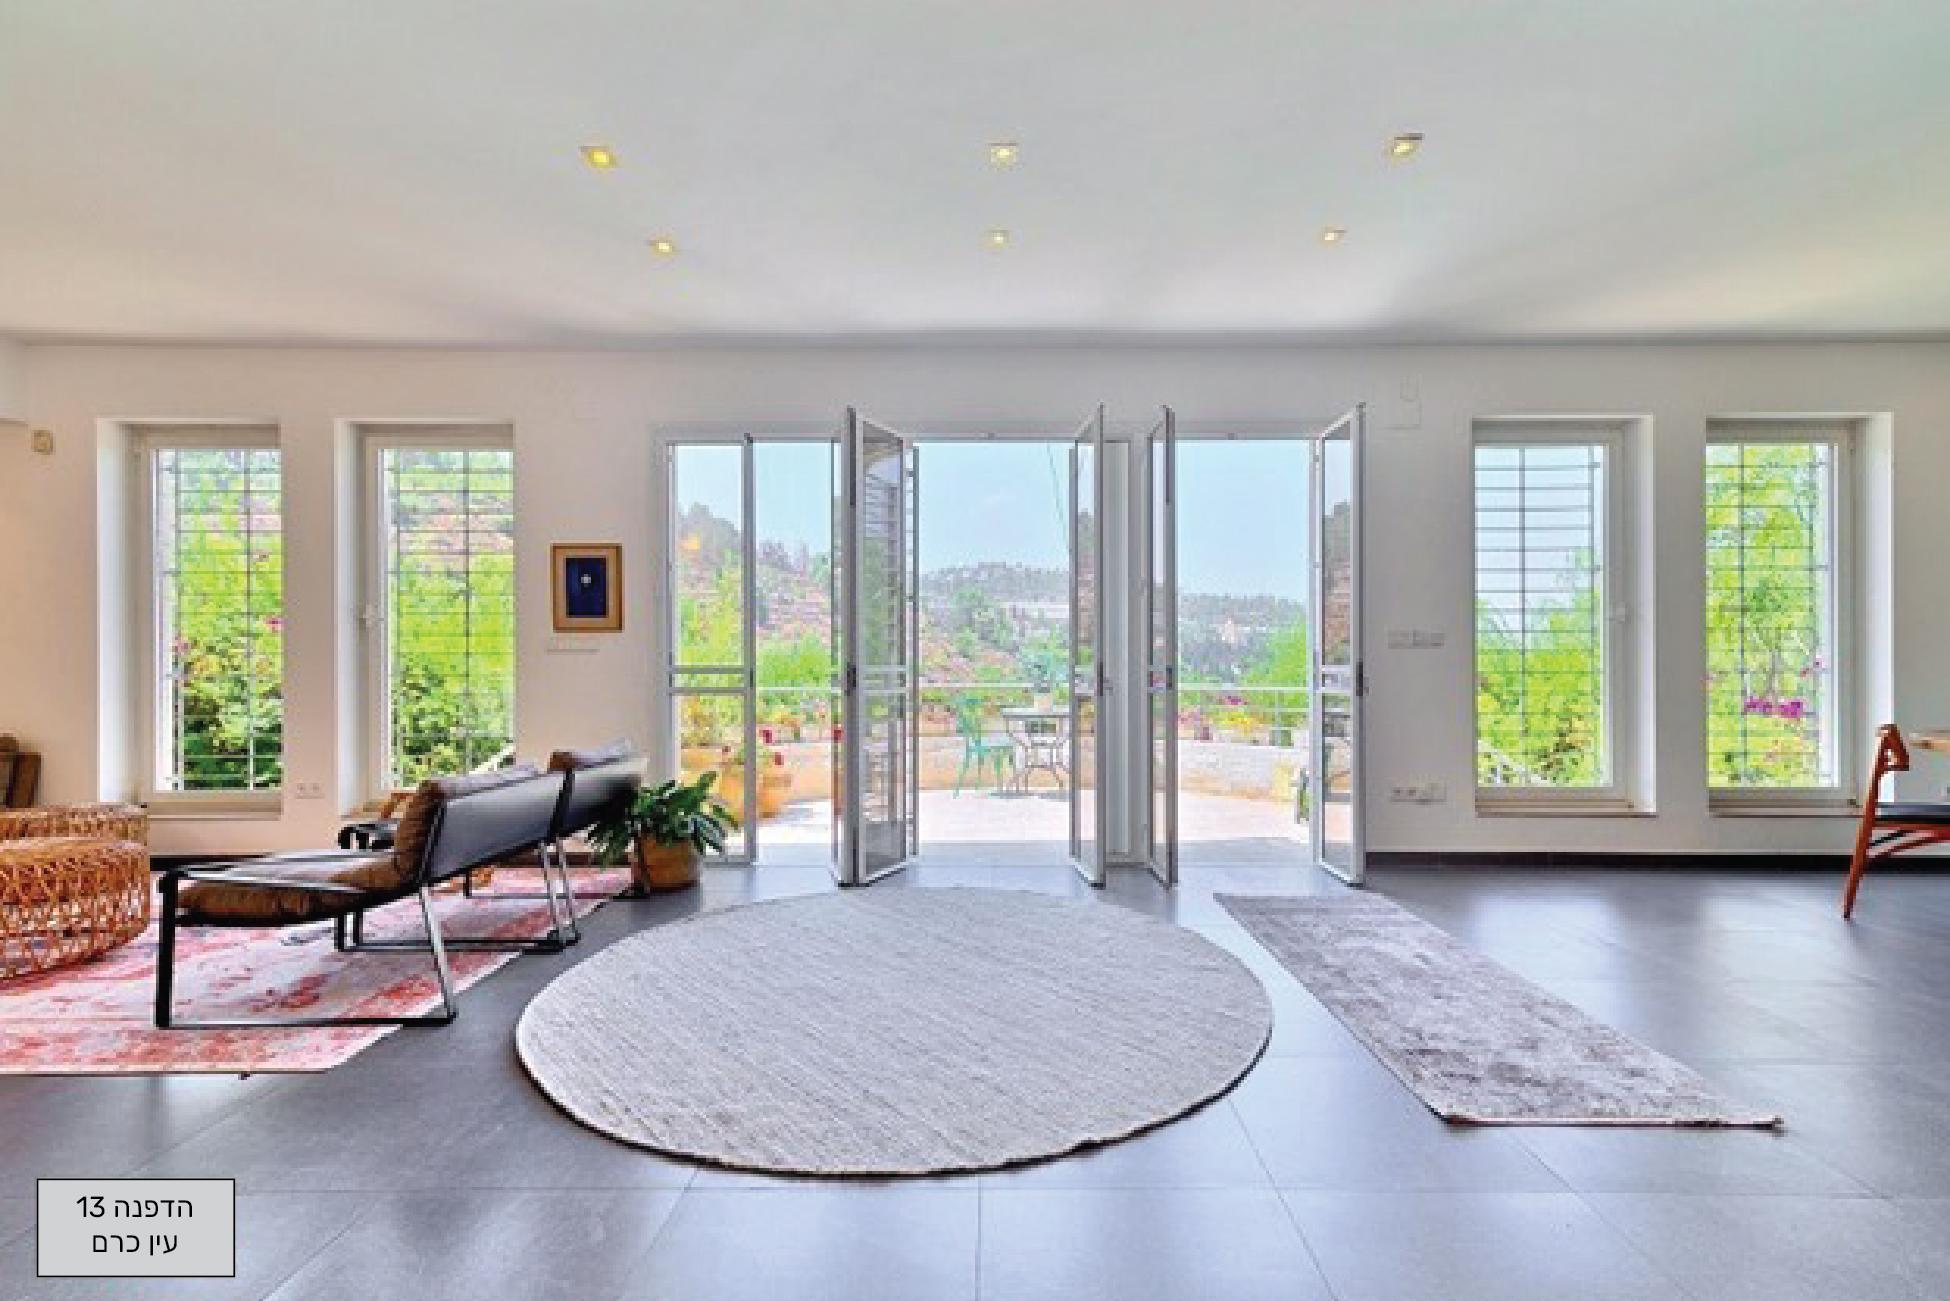 מראה מהסלון למרפסת ולנוף